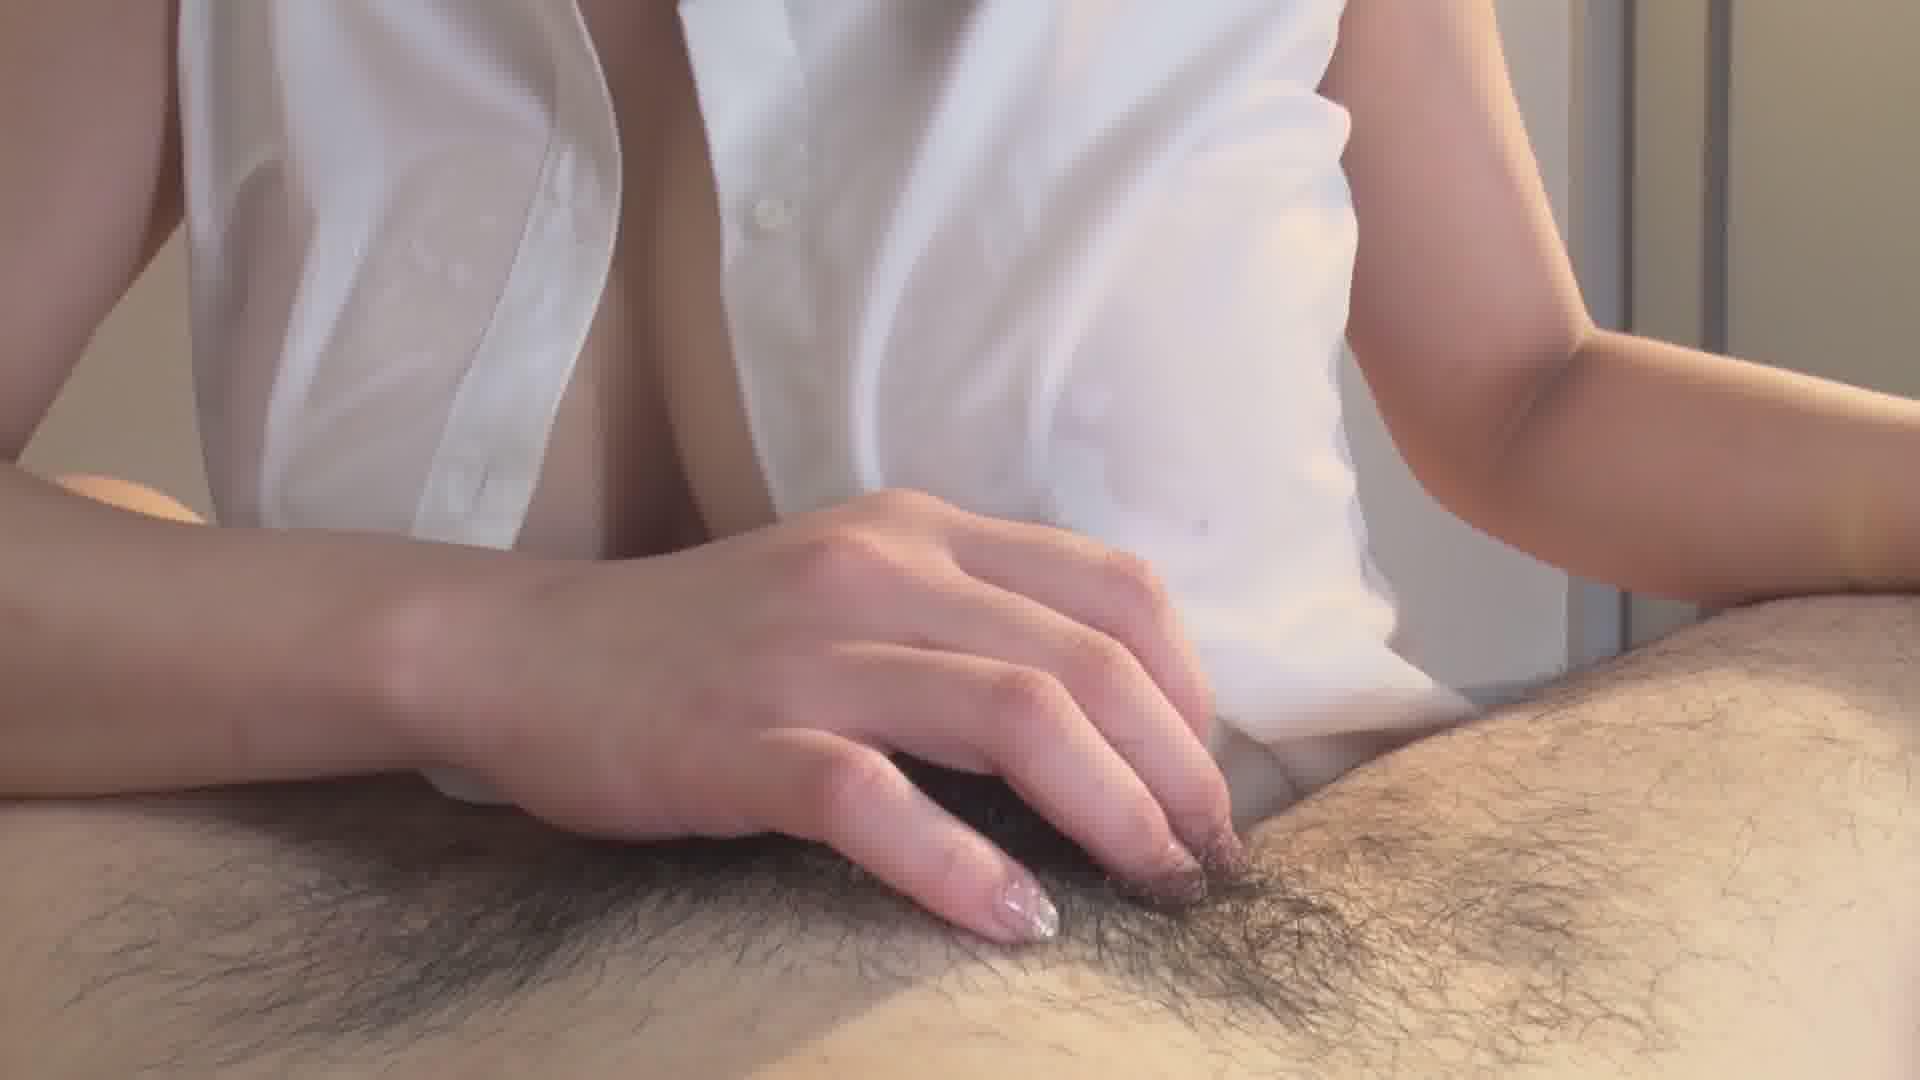 汗だくスケスケHカップ - 真菜果【巨乳・手コキ・中出し】